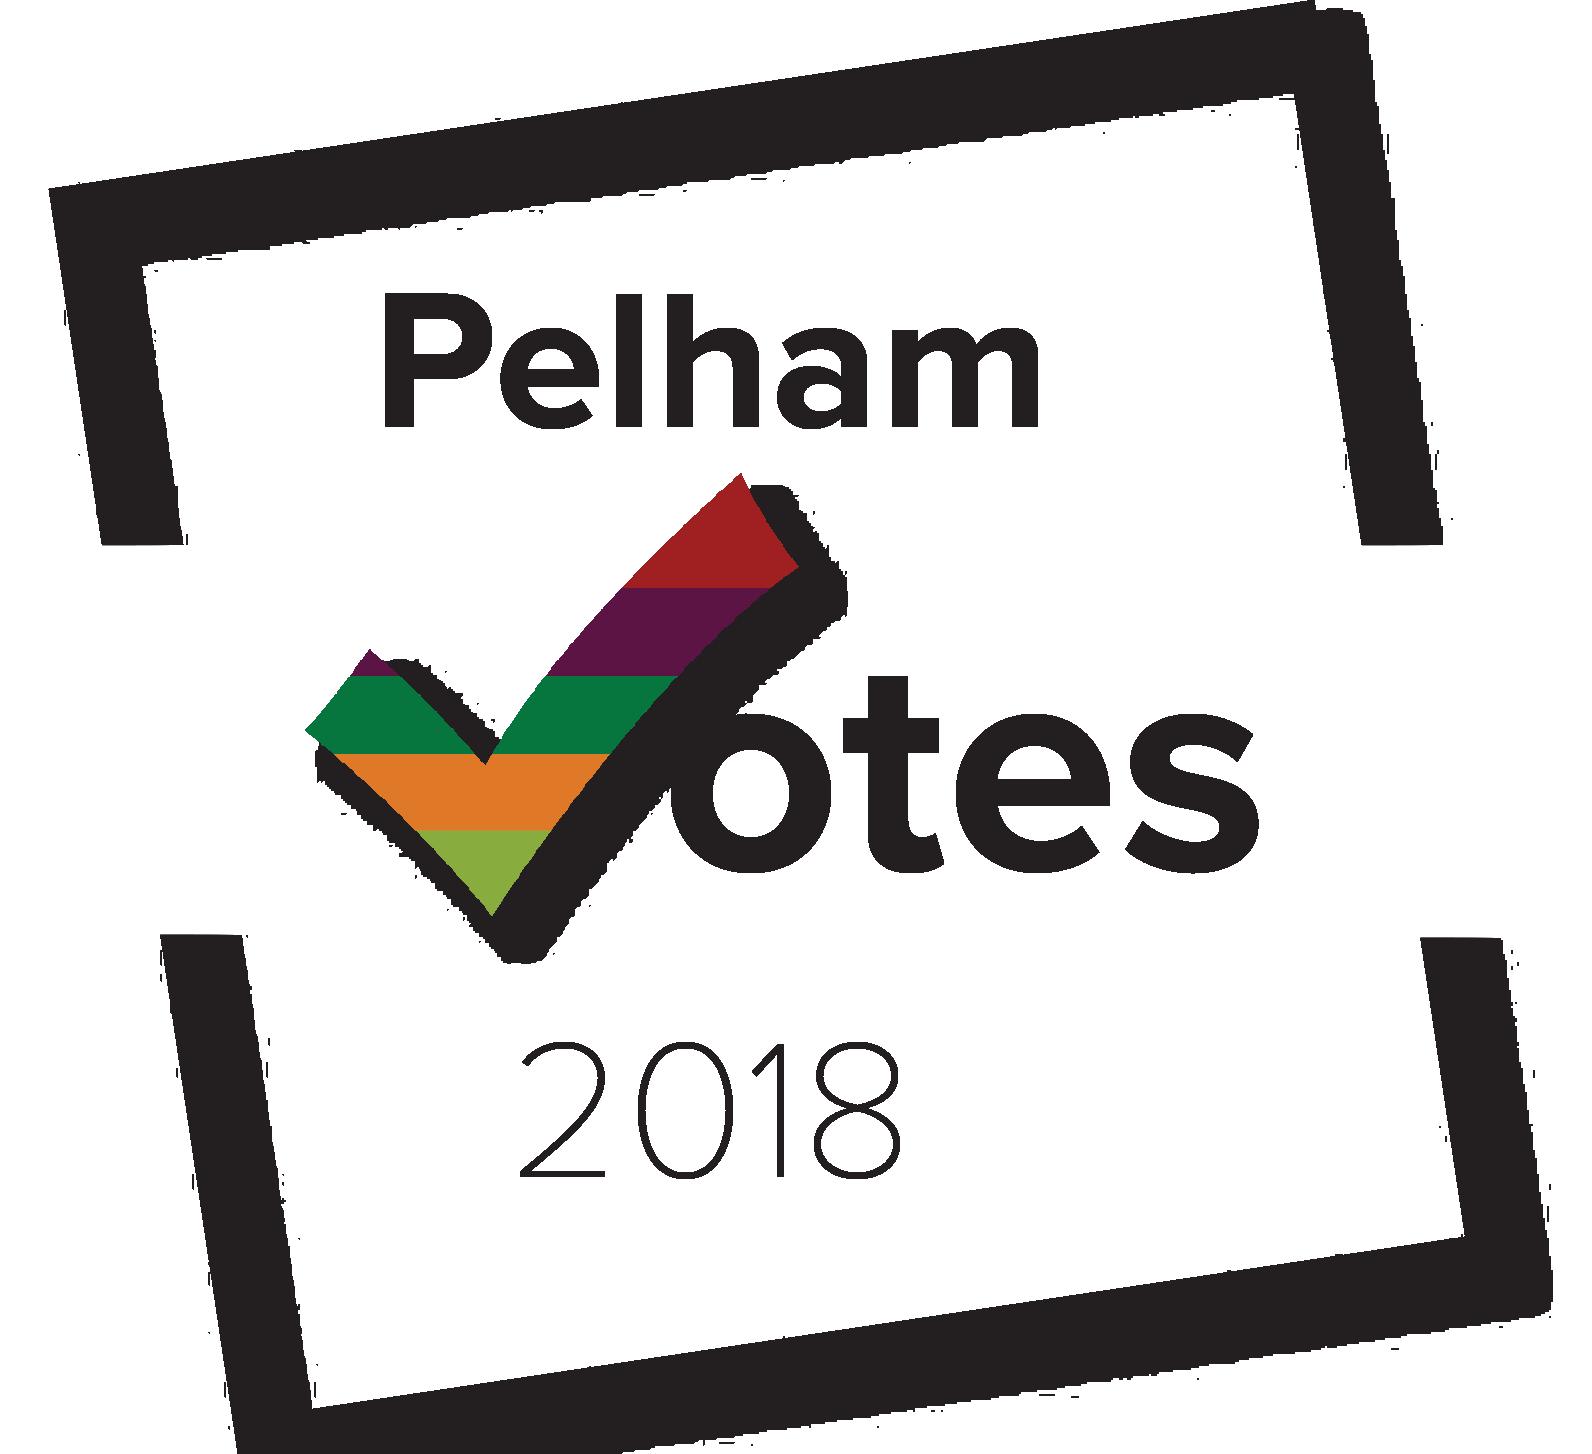 Pelham votes 2018